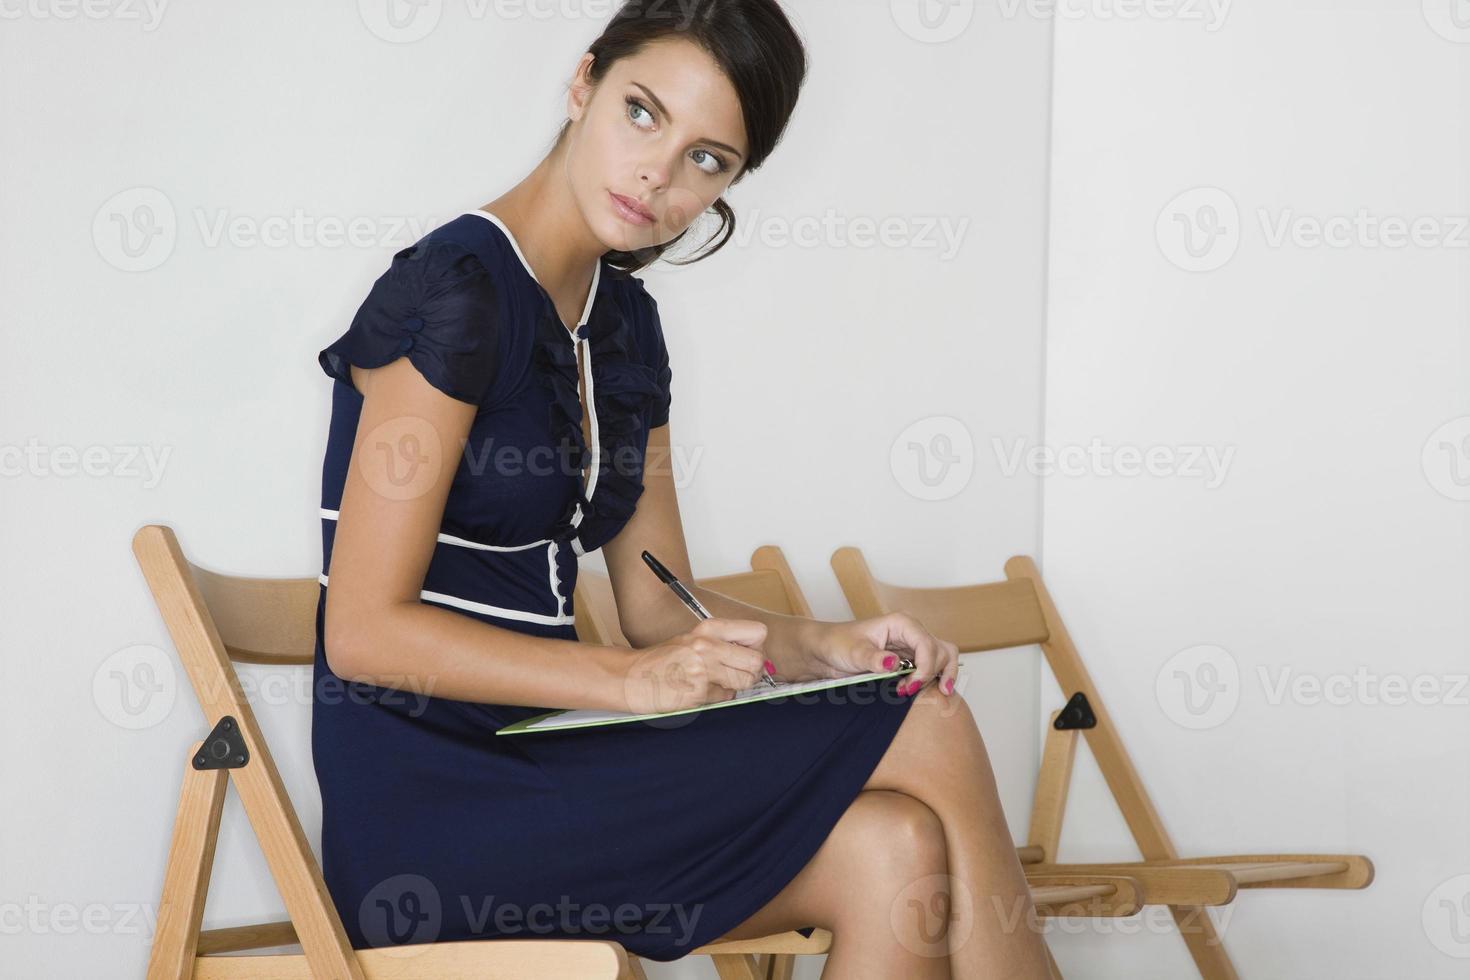 mujer con vestido azul mirando a otro lado foto